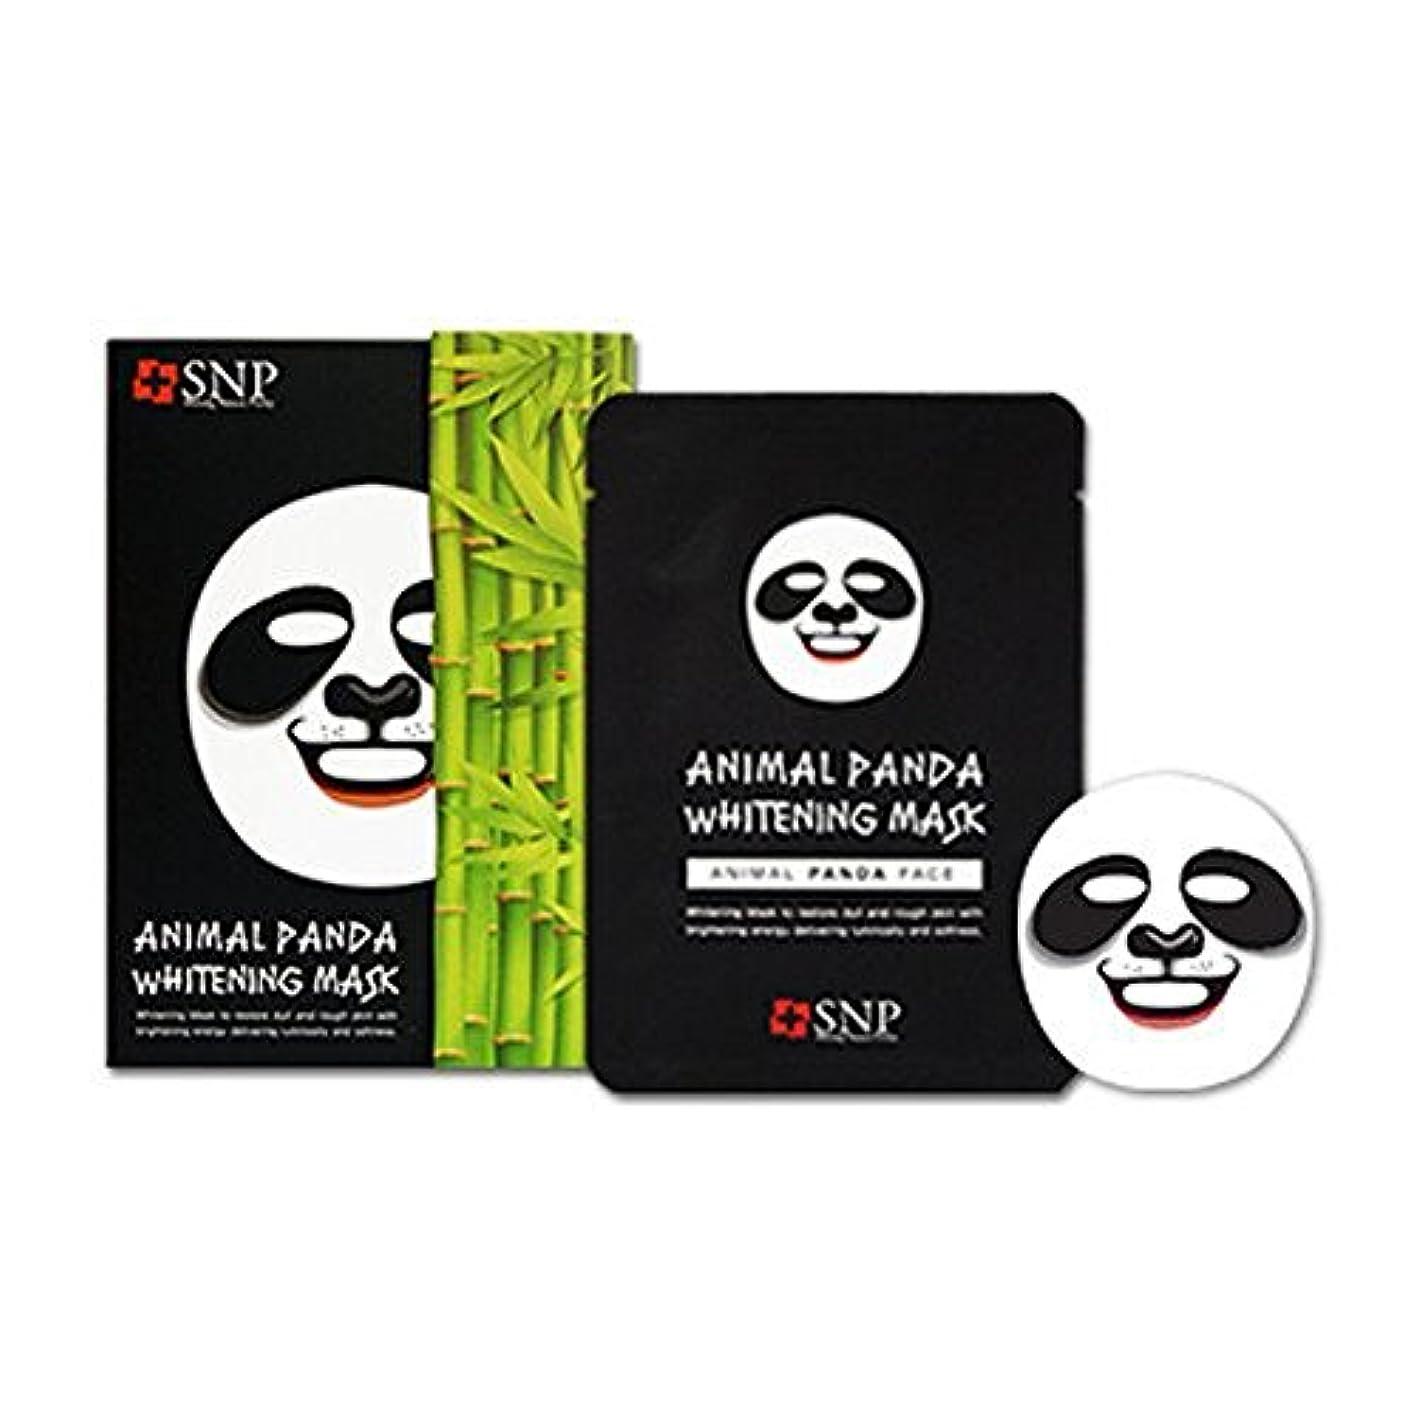 シャーロックホームズ系譜プリーツSNP エスエンピ 動物マスクシート 10枚入り1box (Animal Mask 10 sheet) 海外直送品 (パンダ Panda)